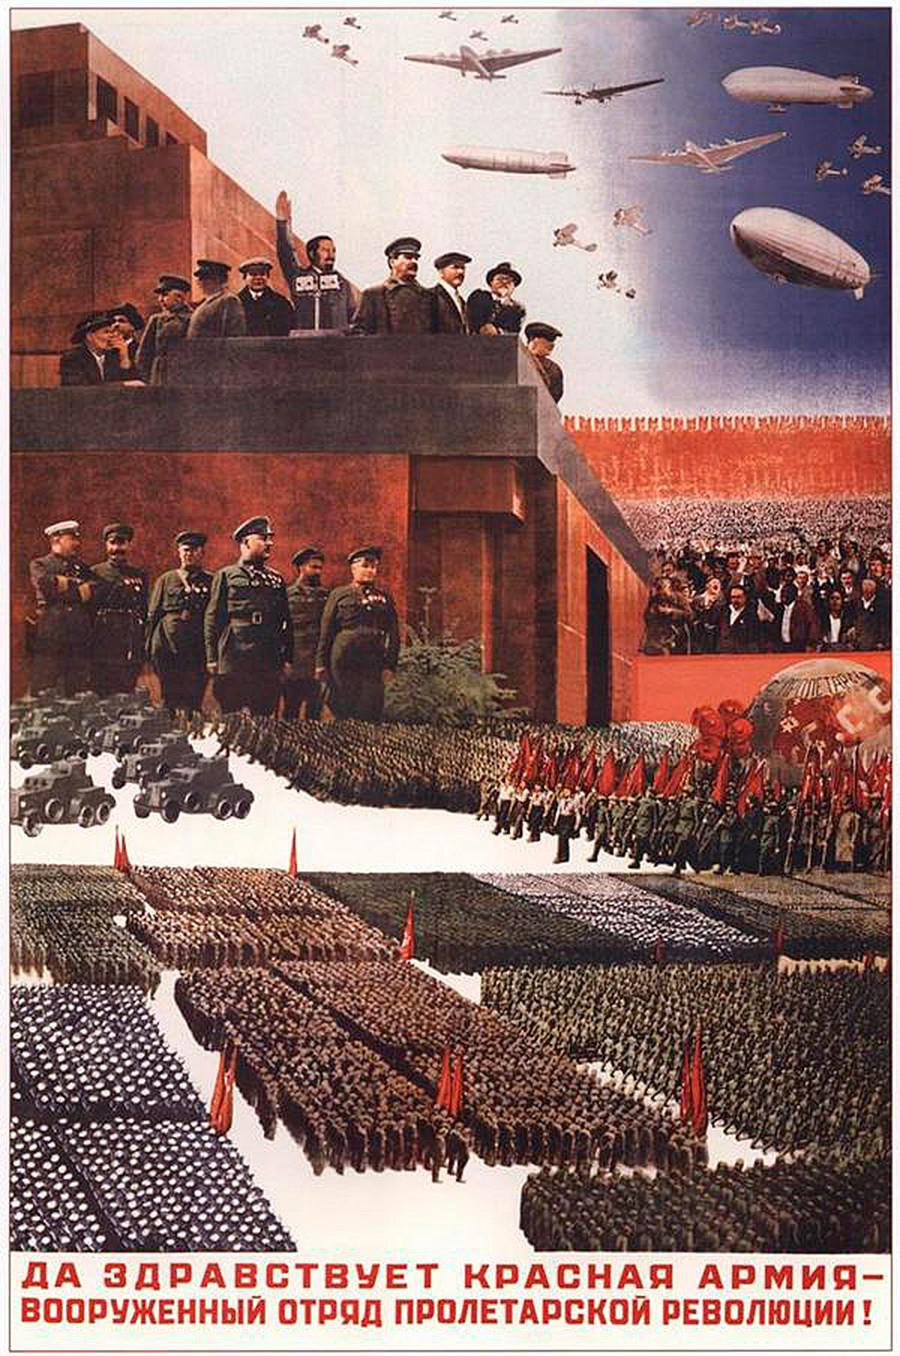 « Vive l'Armée rouge, détachement armé de la révolution du prolétariat ! »